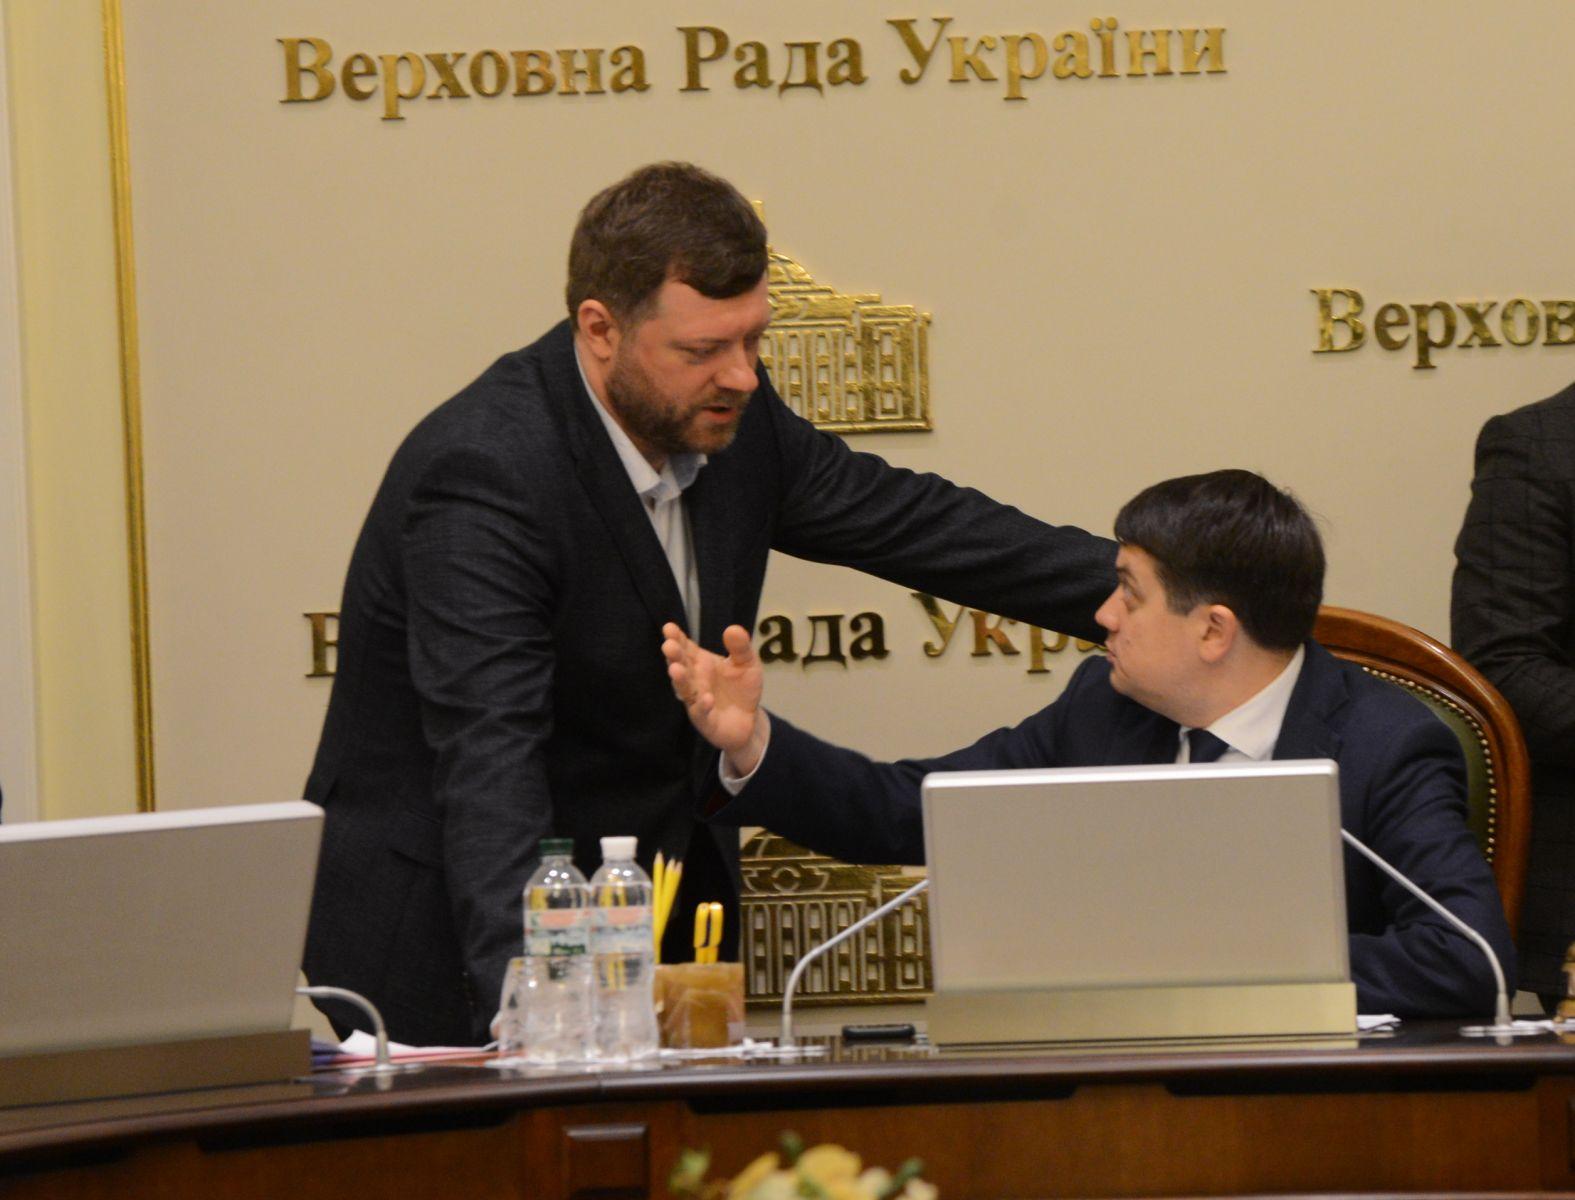 Александр Корниенко: «Перенос местных выборов маловероятен, это сложный  процесс»